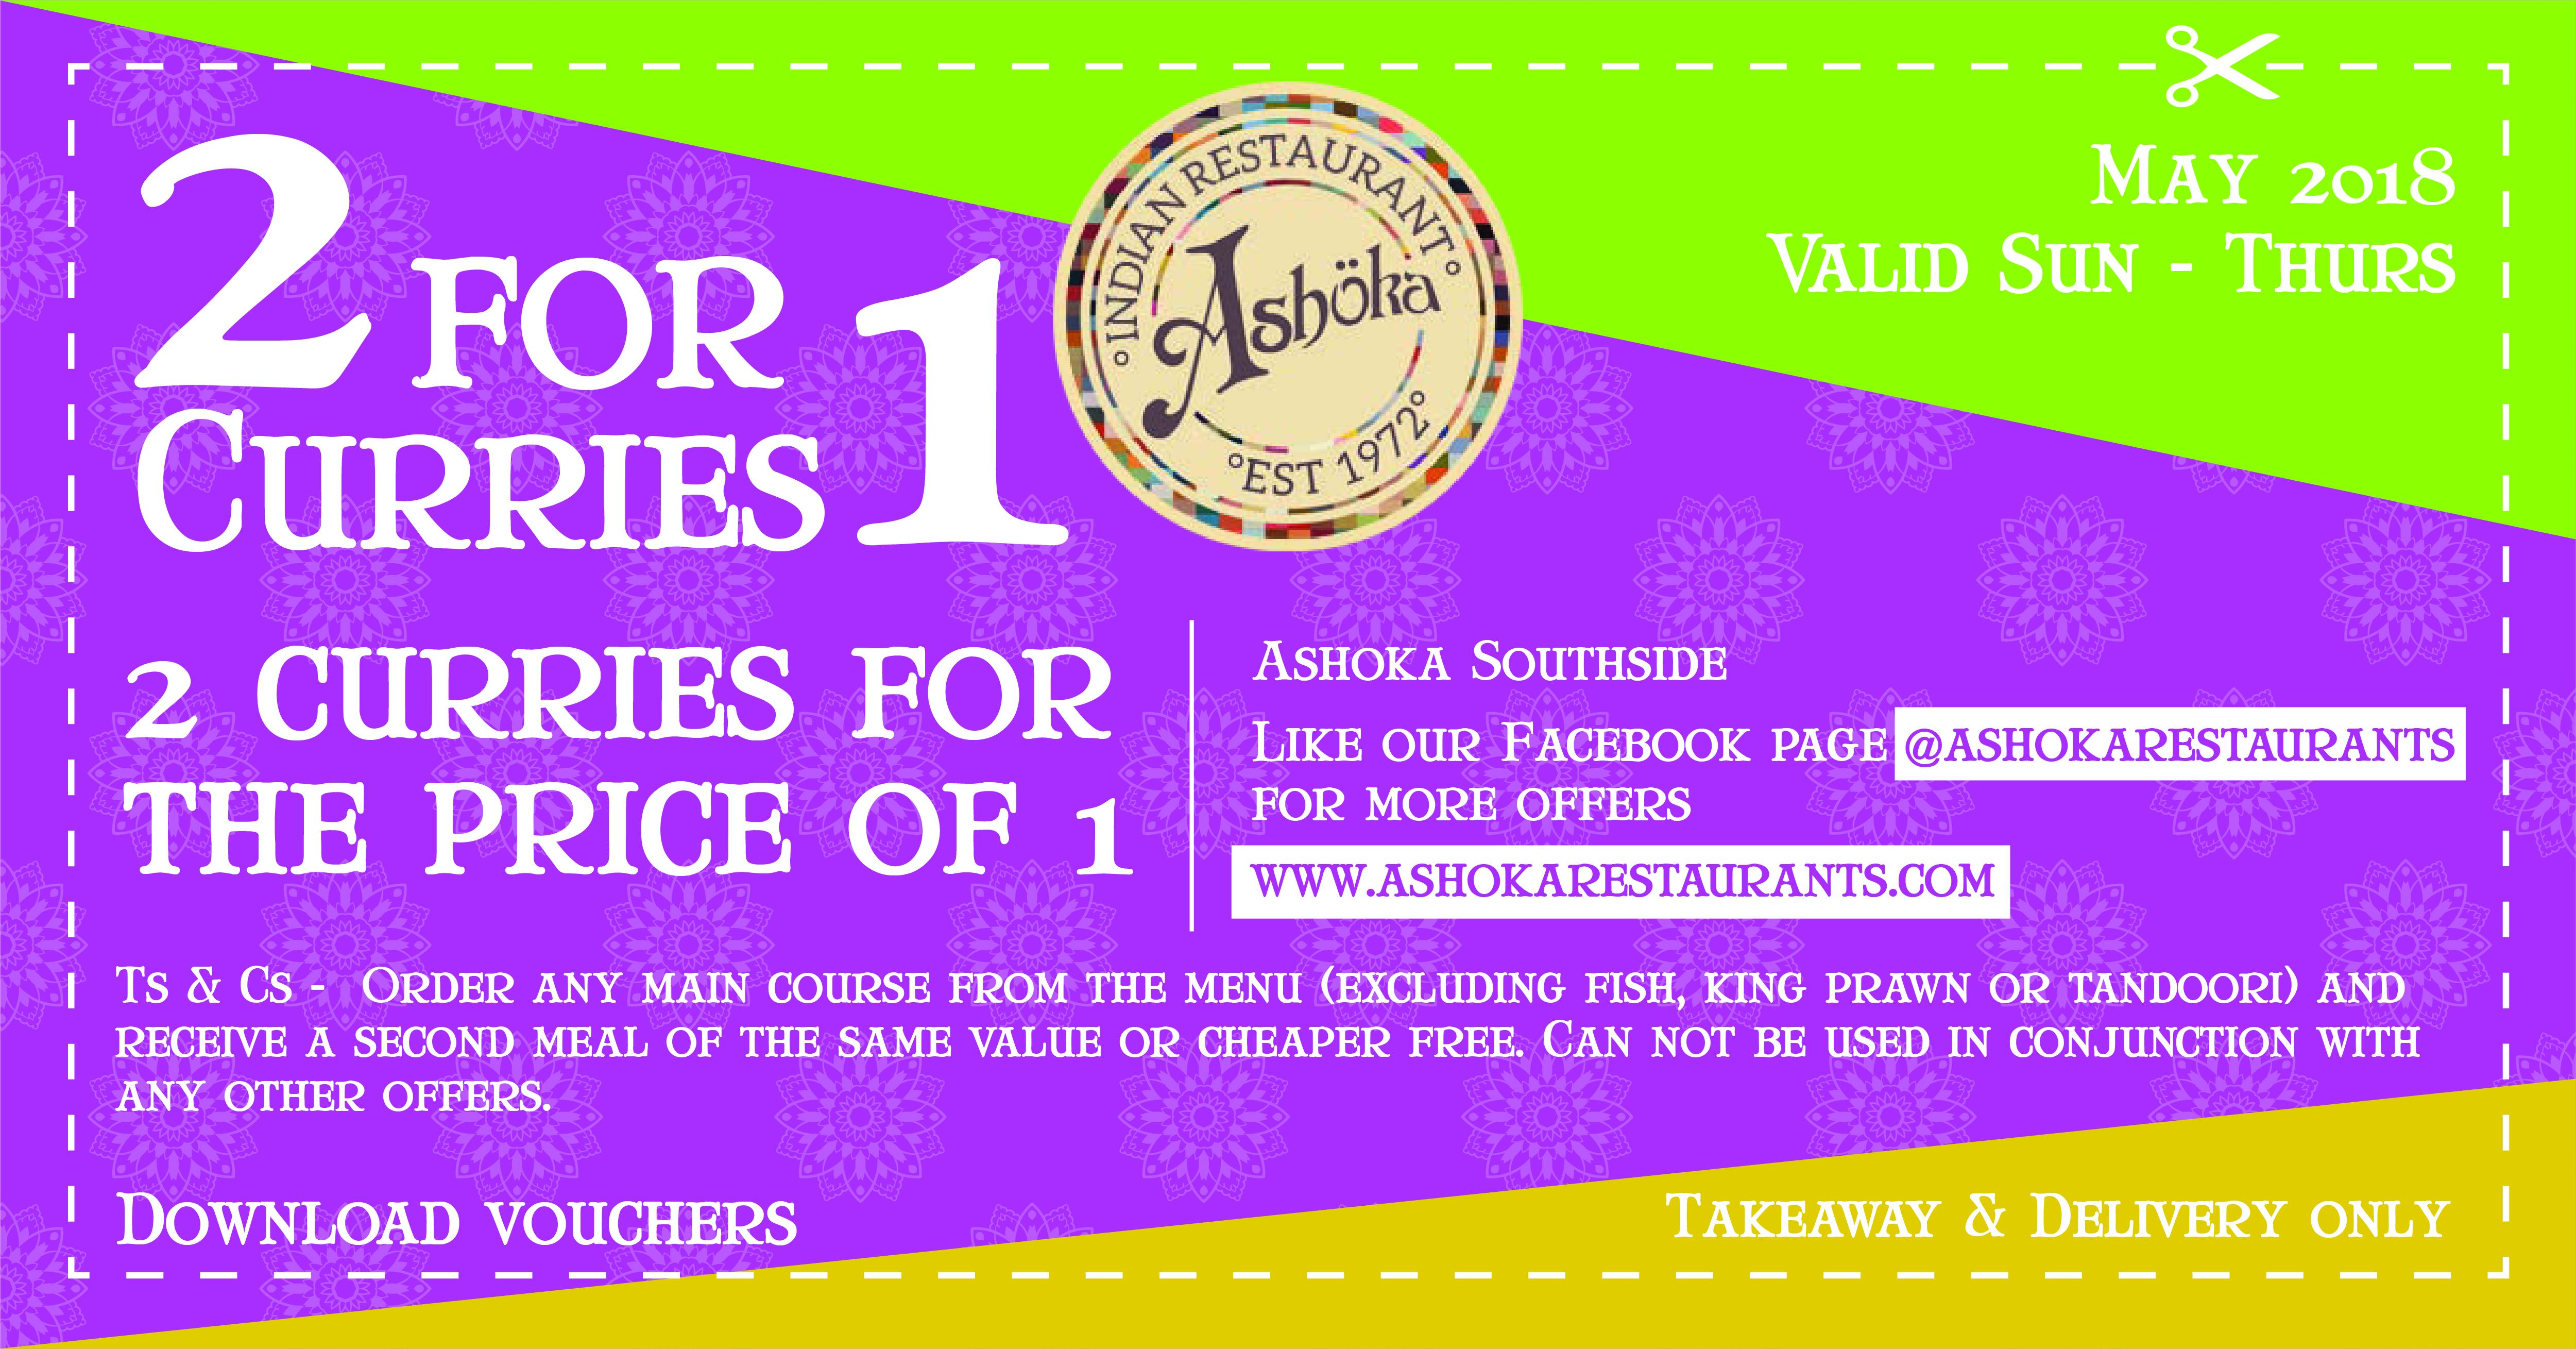 Ashoka South Side coupon